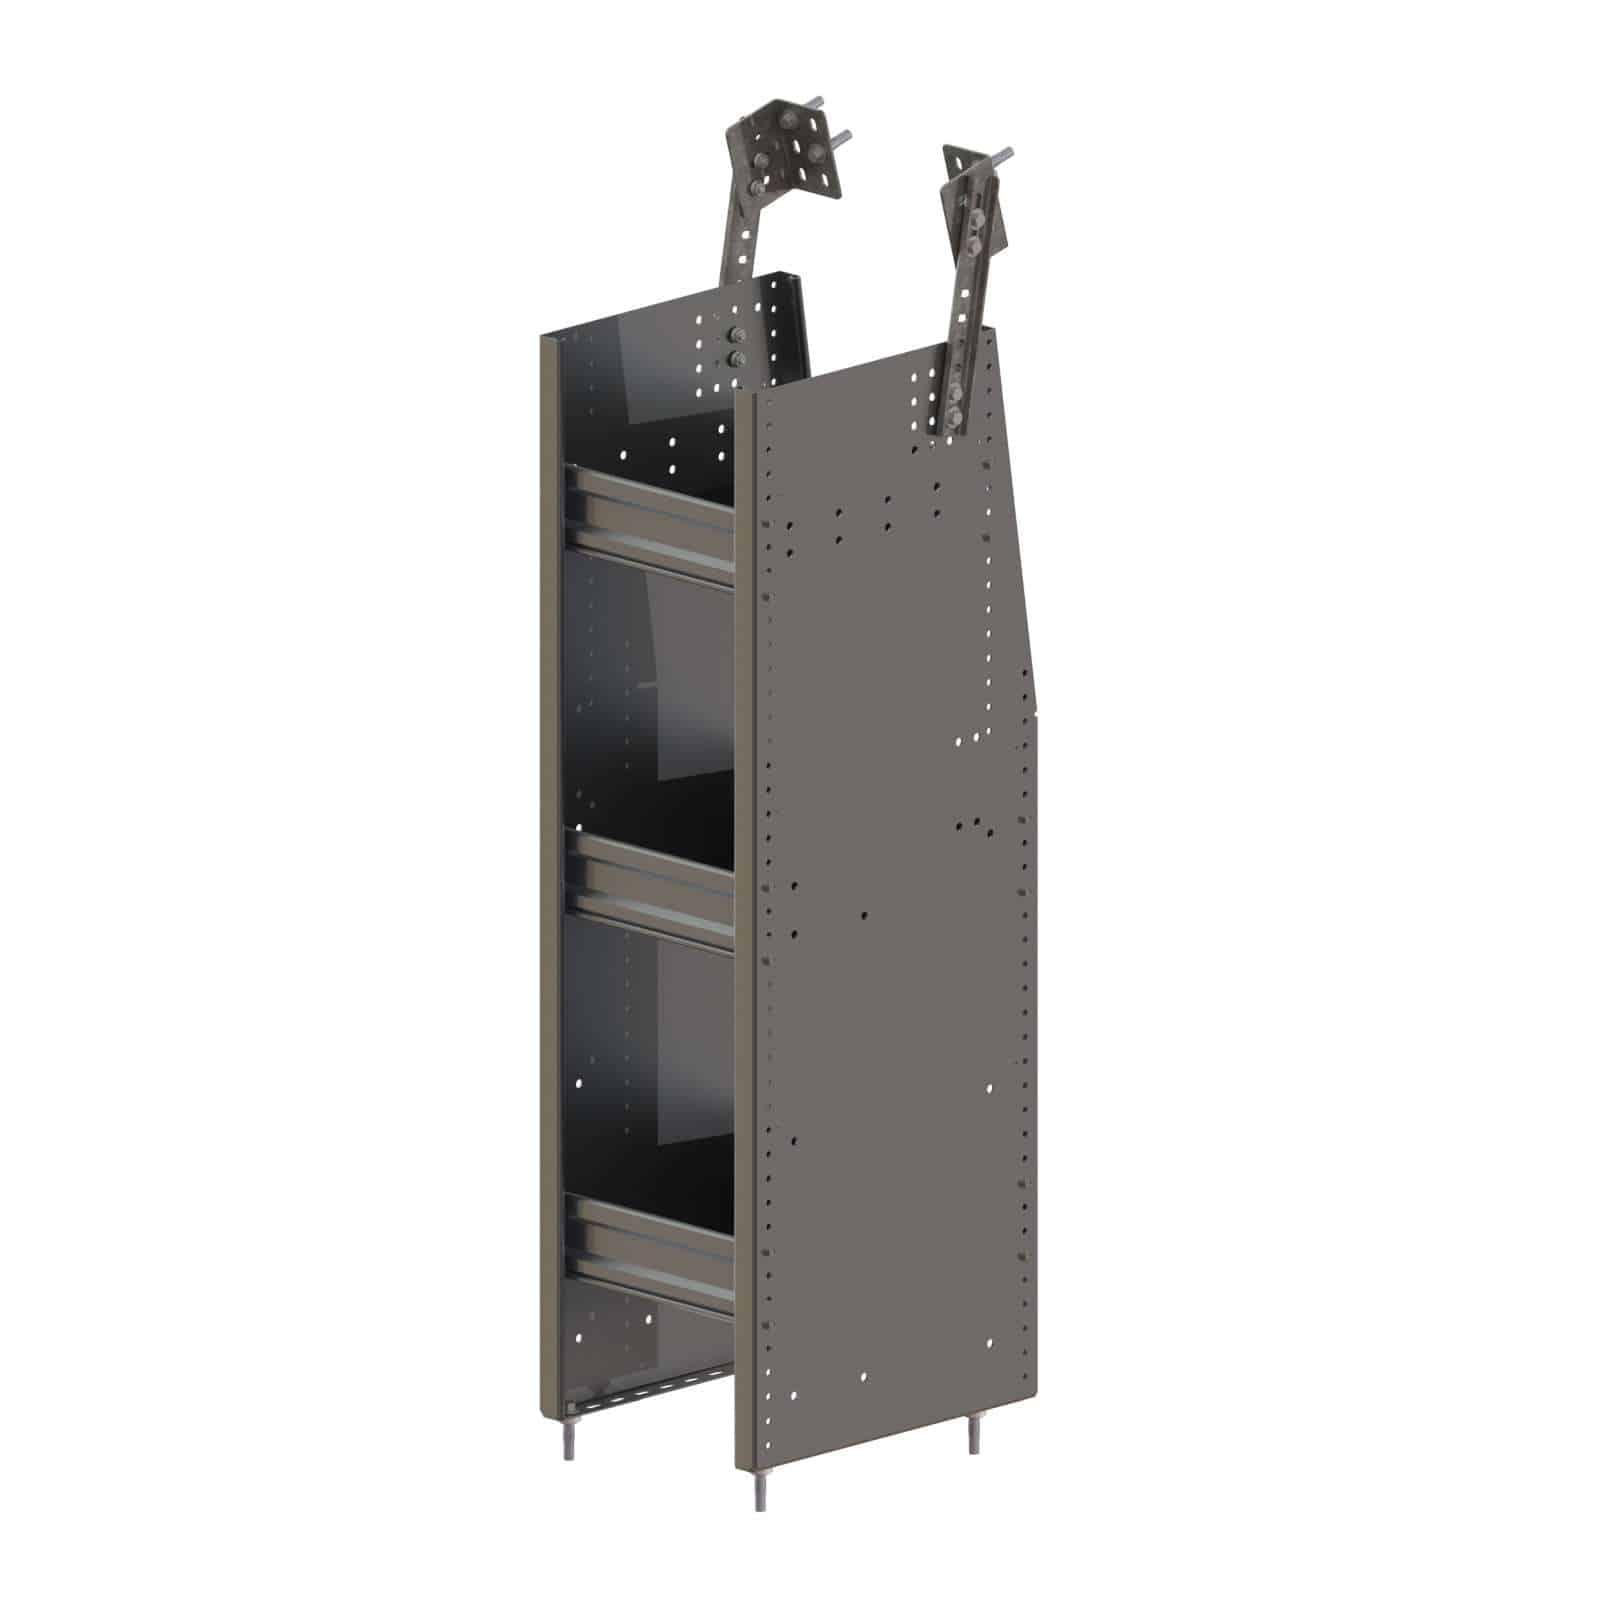 N4 Series Cargo Van Shelving Bookshelf 12 Wide 3 Trays N4 Ra12 3